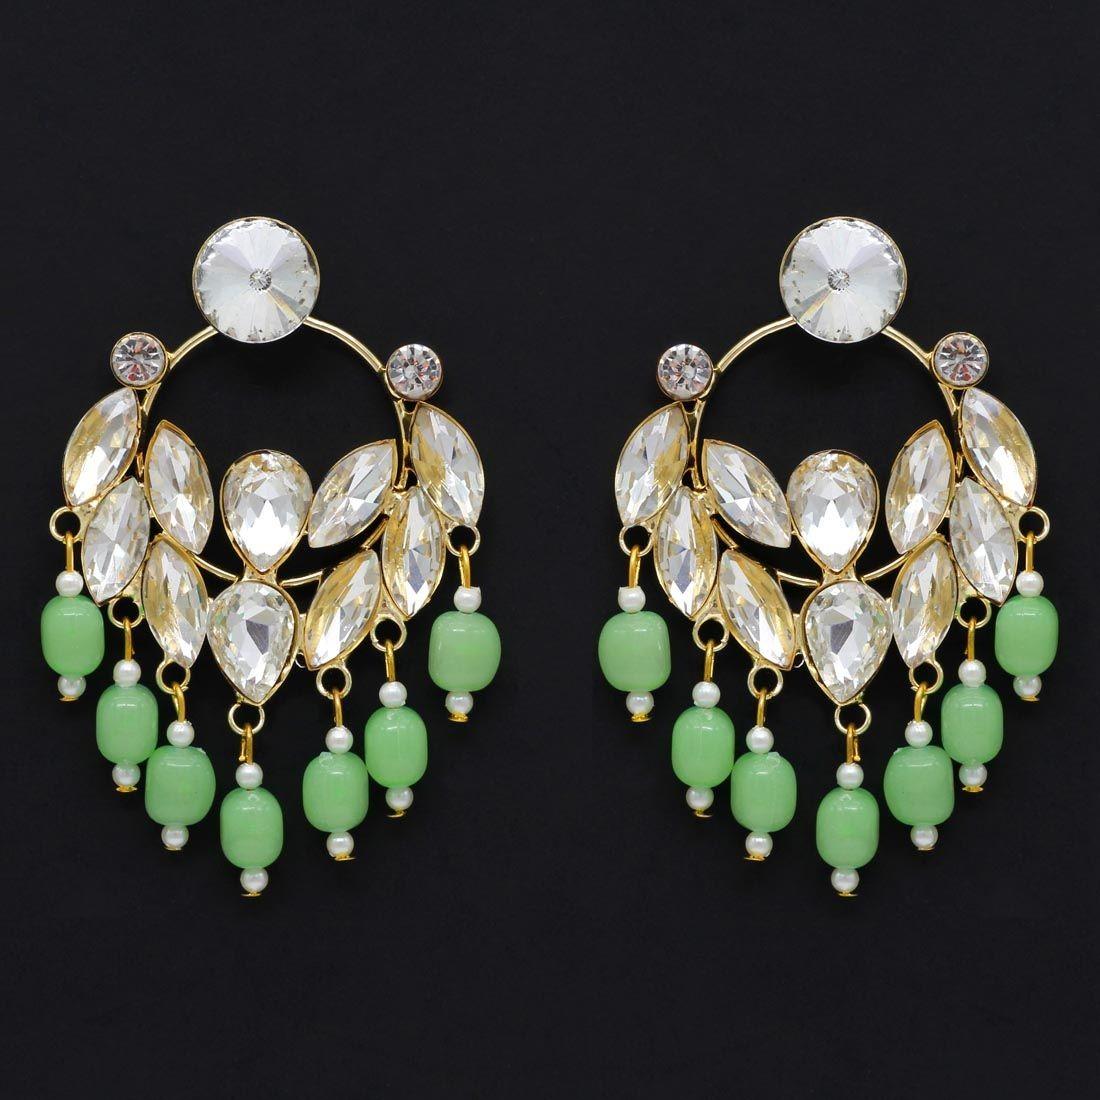 Pendientes de fiesta verde claro con cristales